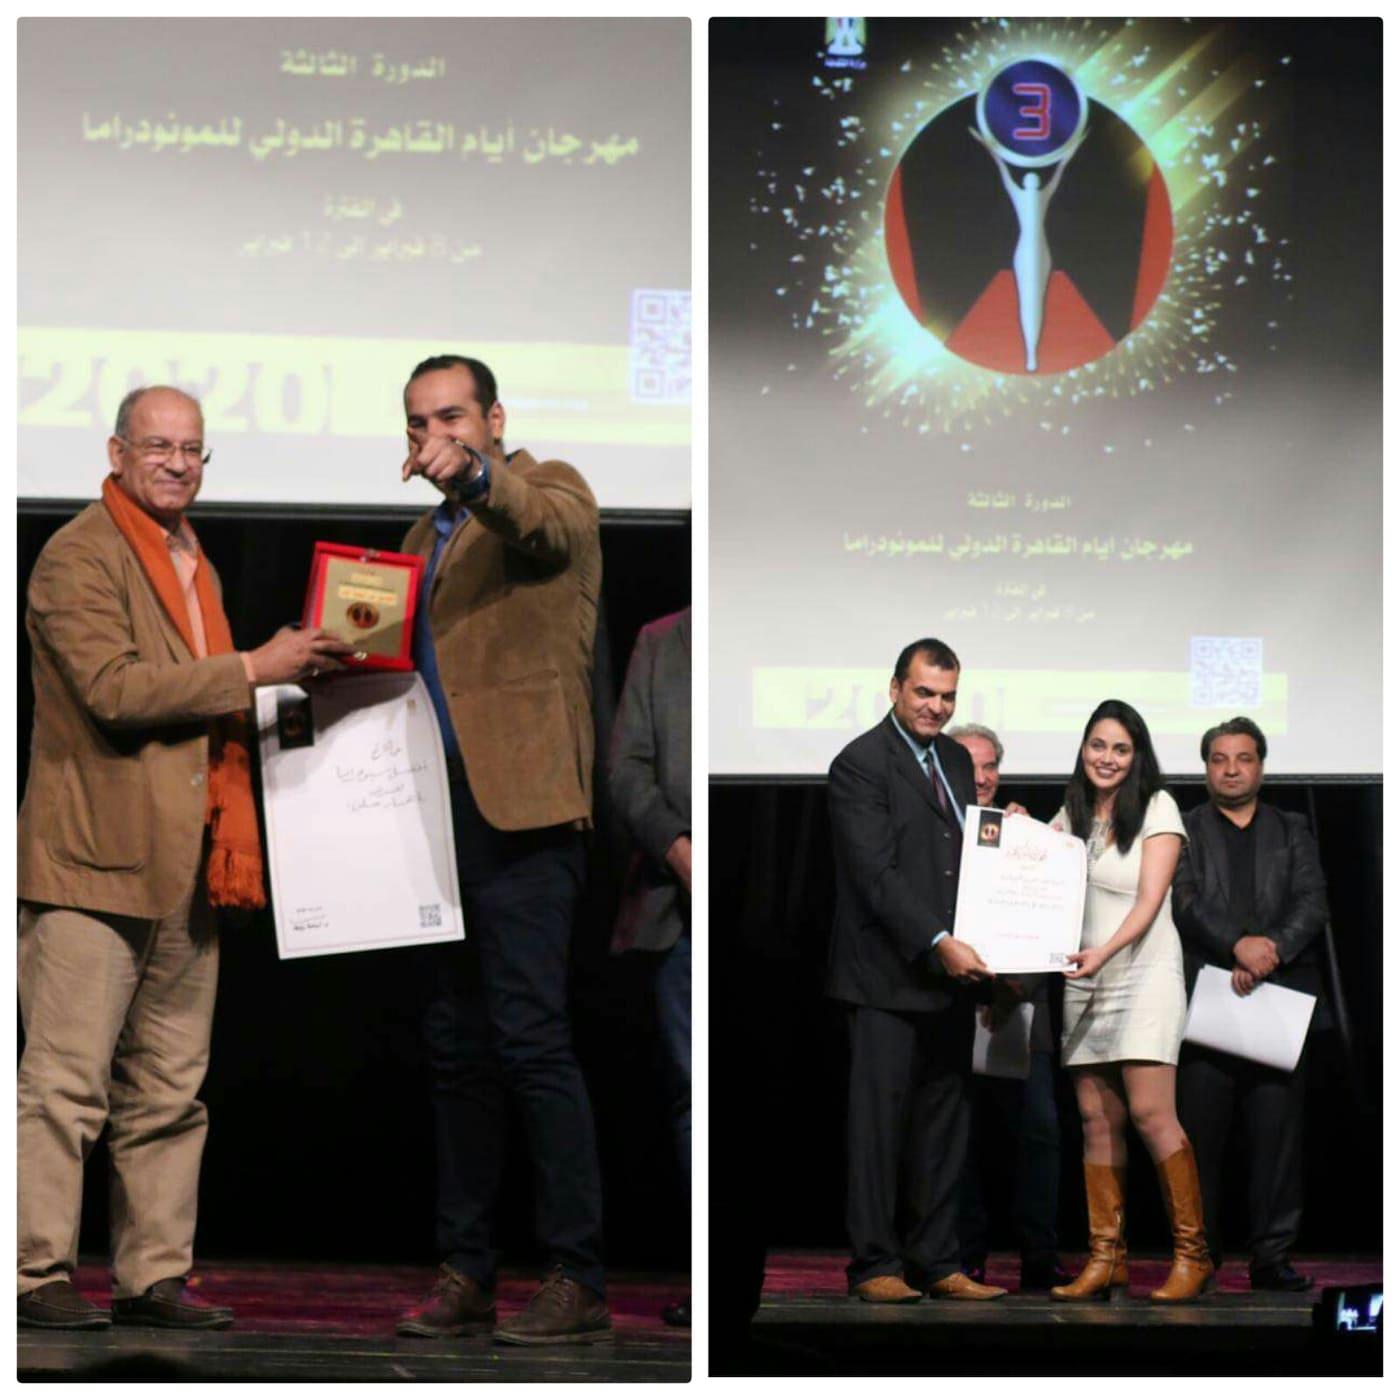 الجمعان (مؤسس ورئيس رابطة الإنتاج المسرحي العربي المشترك ATPA ): سعيد ما حققته انتحار معلن